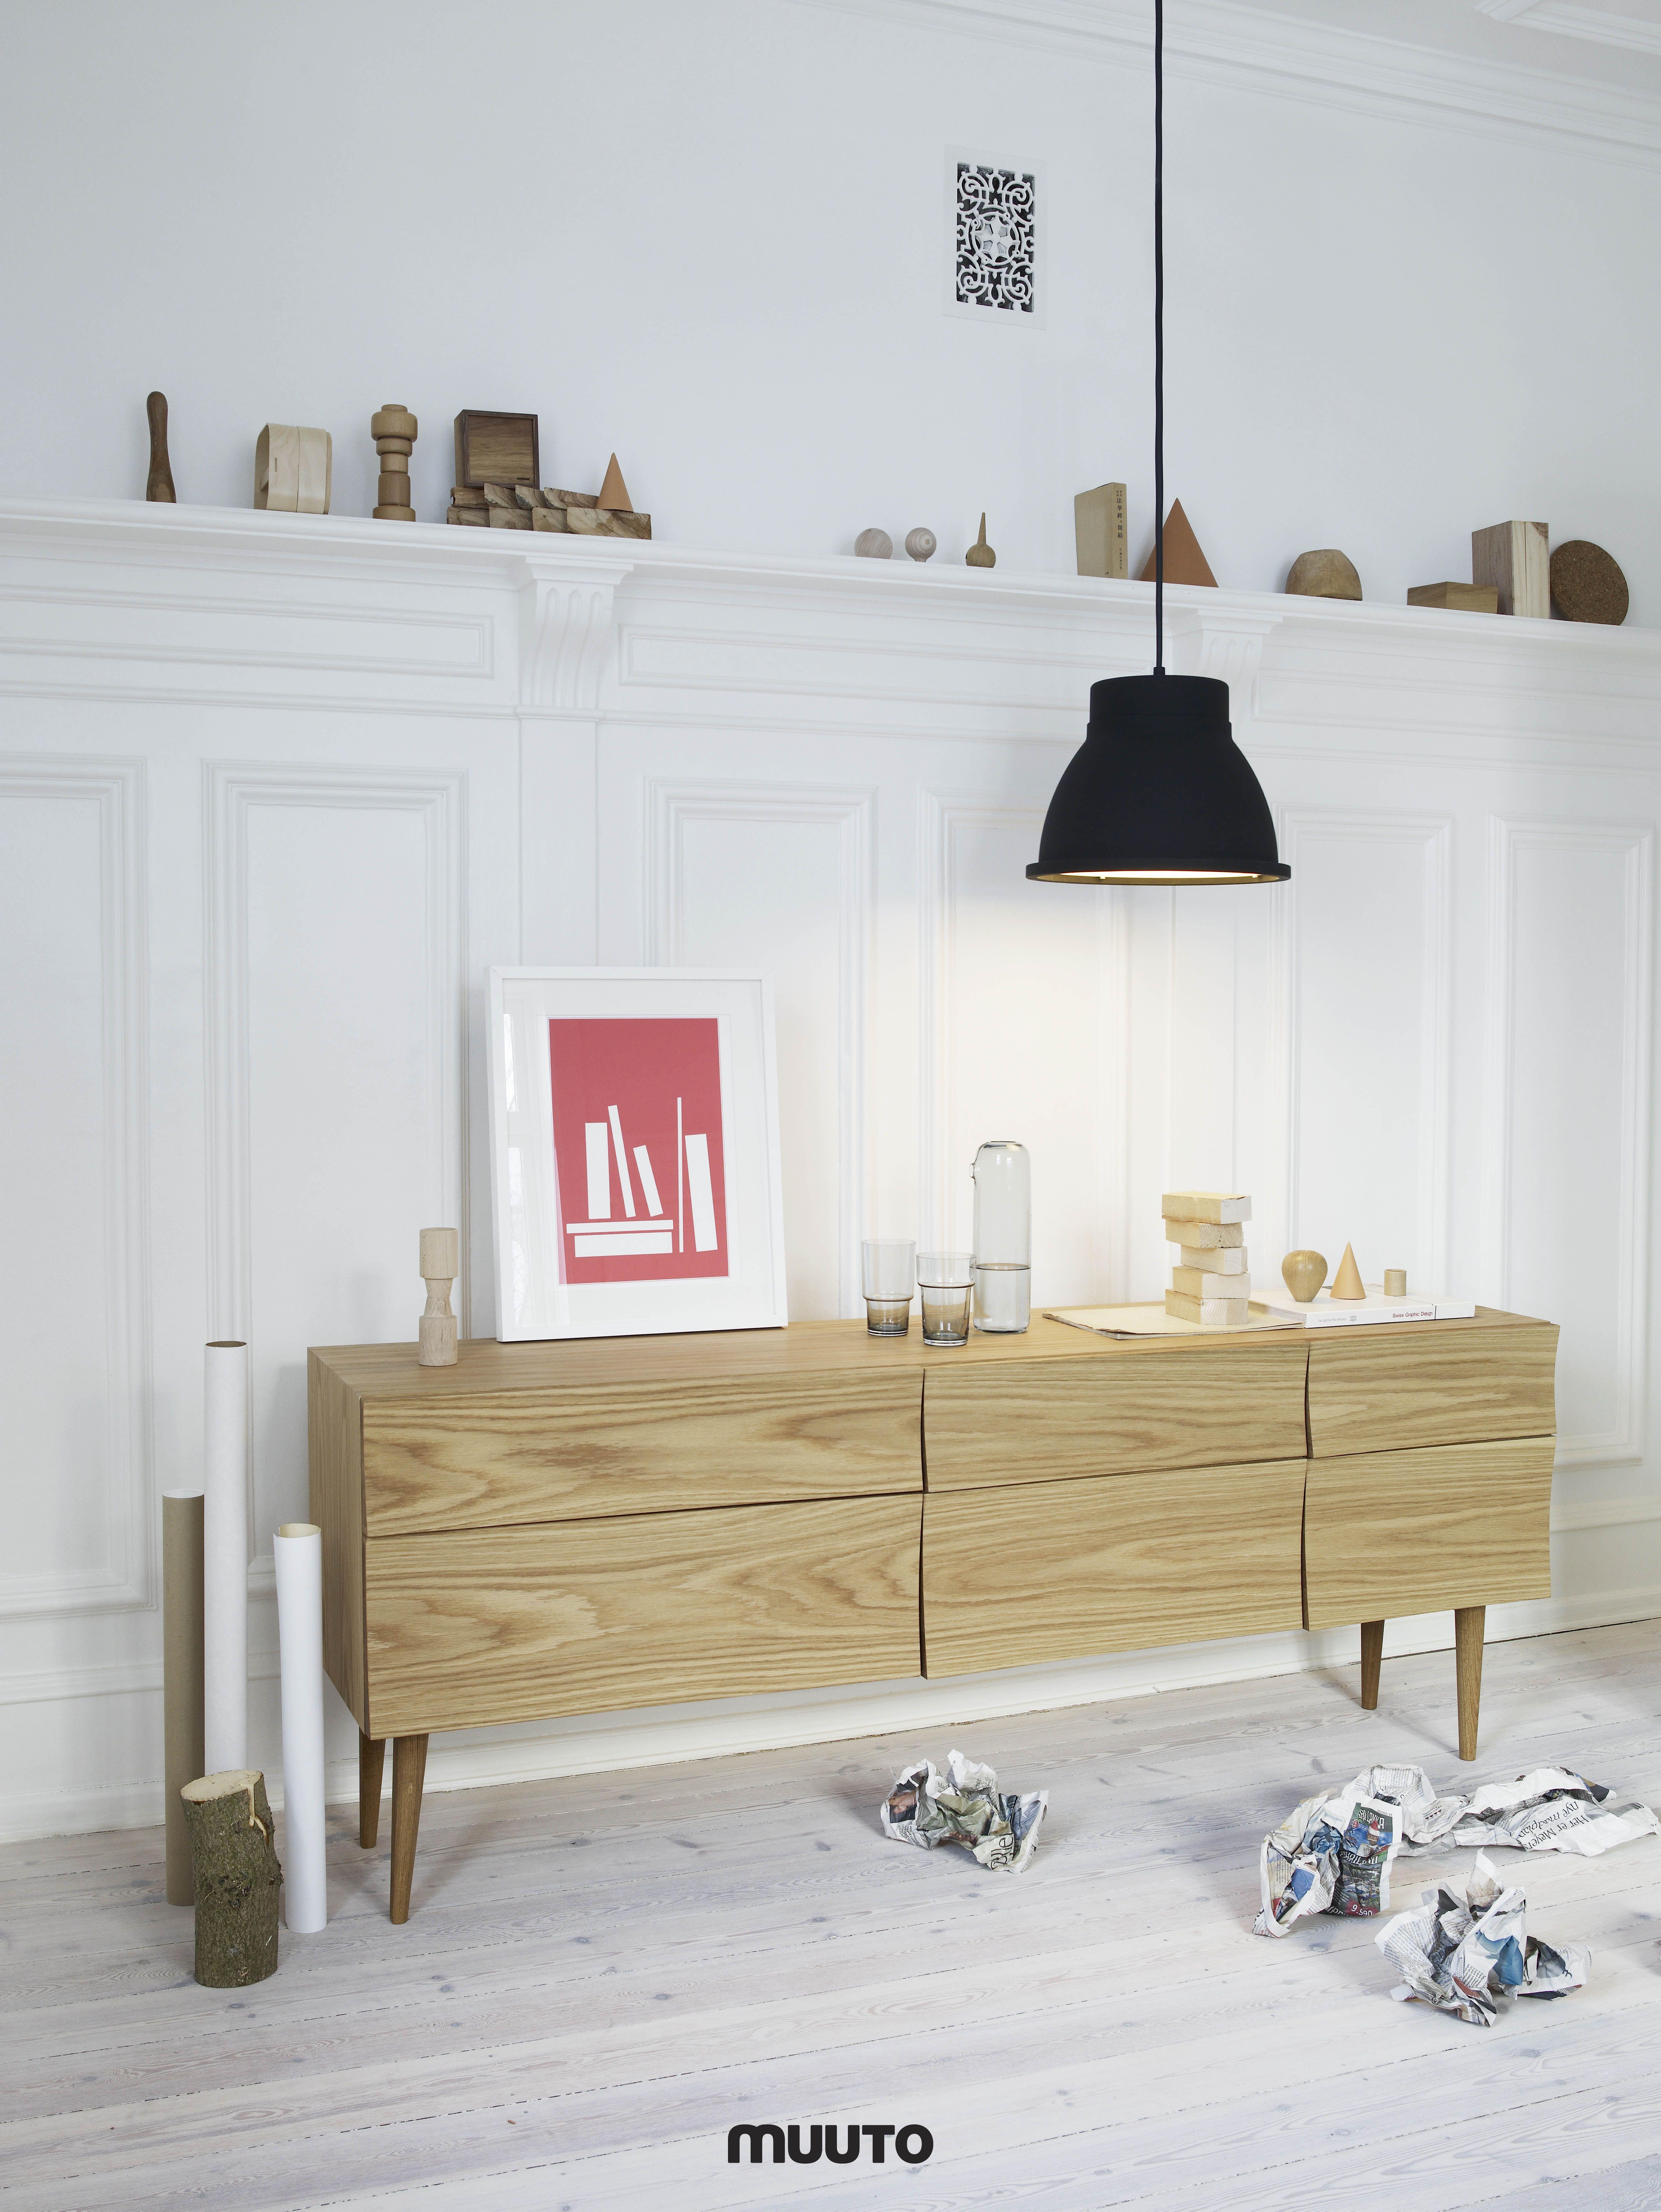 0d7619b2136ec3736c51d097c00a20fb Meilleur De De Meuble De Style Des Idées